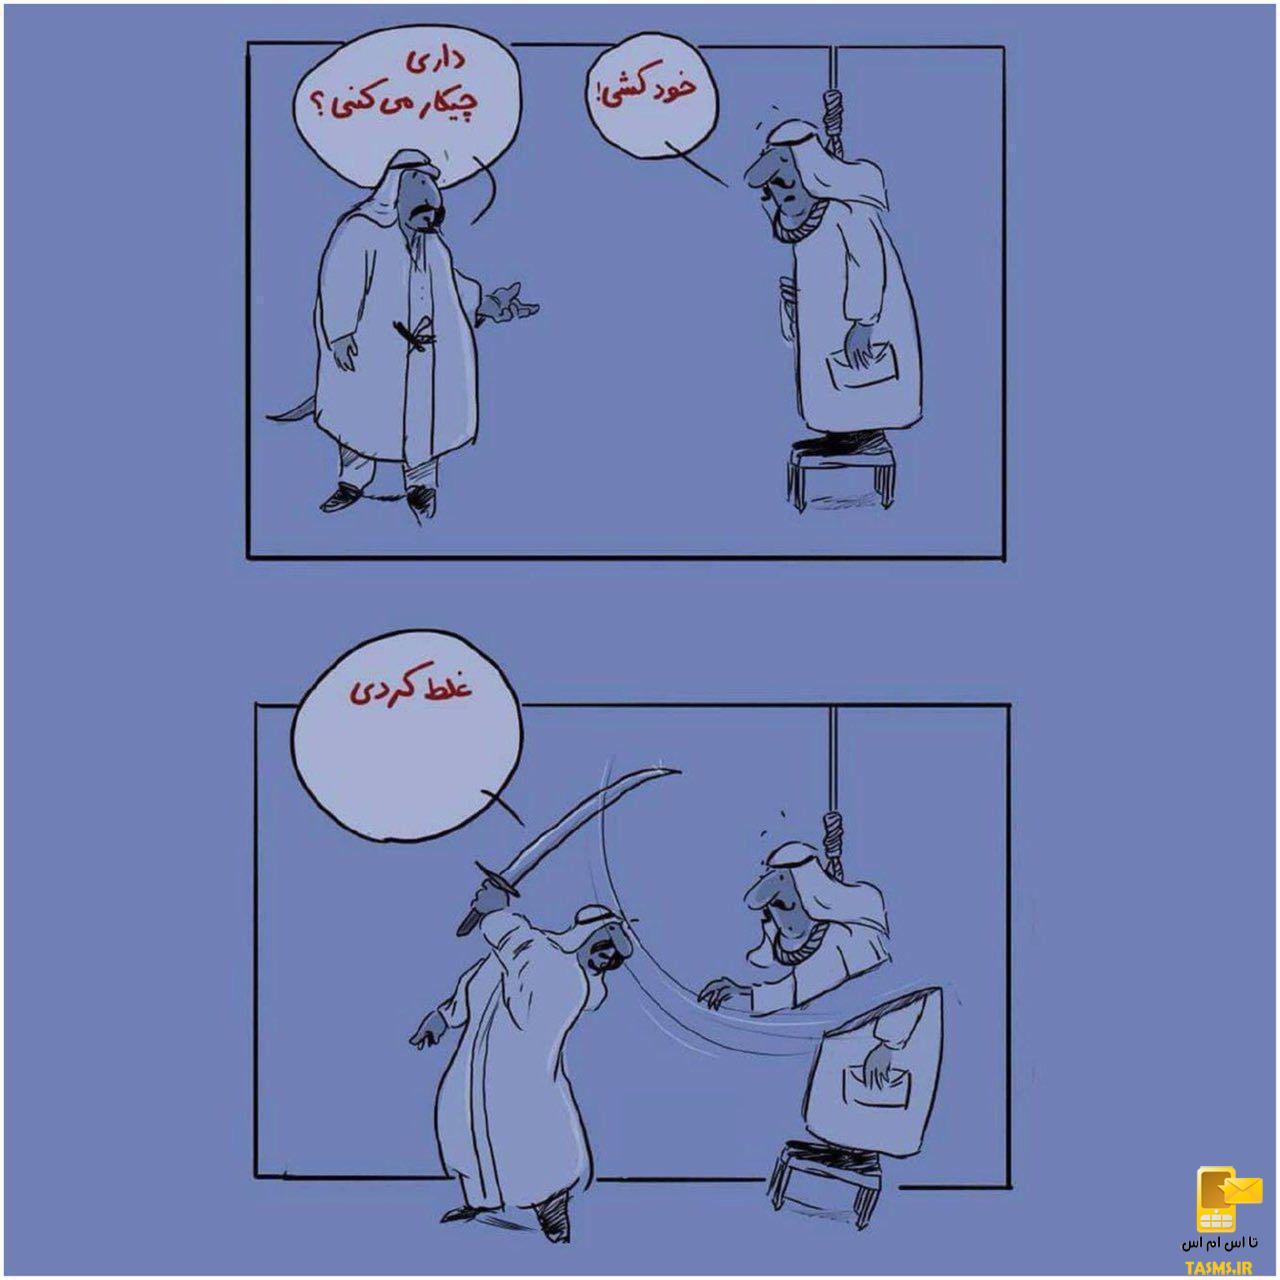 قانون عجیب عربستان، مجازات خودکشی مرگ است!